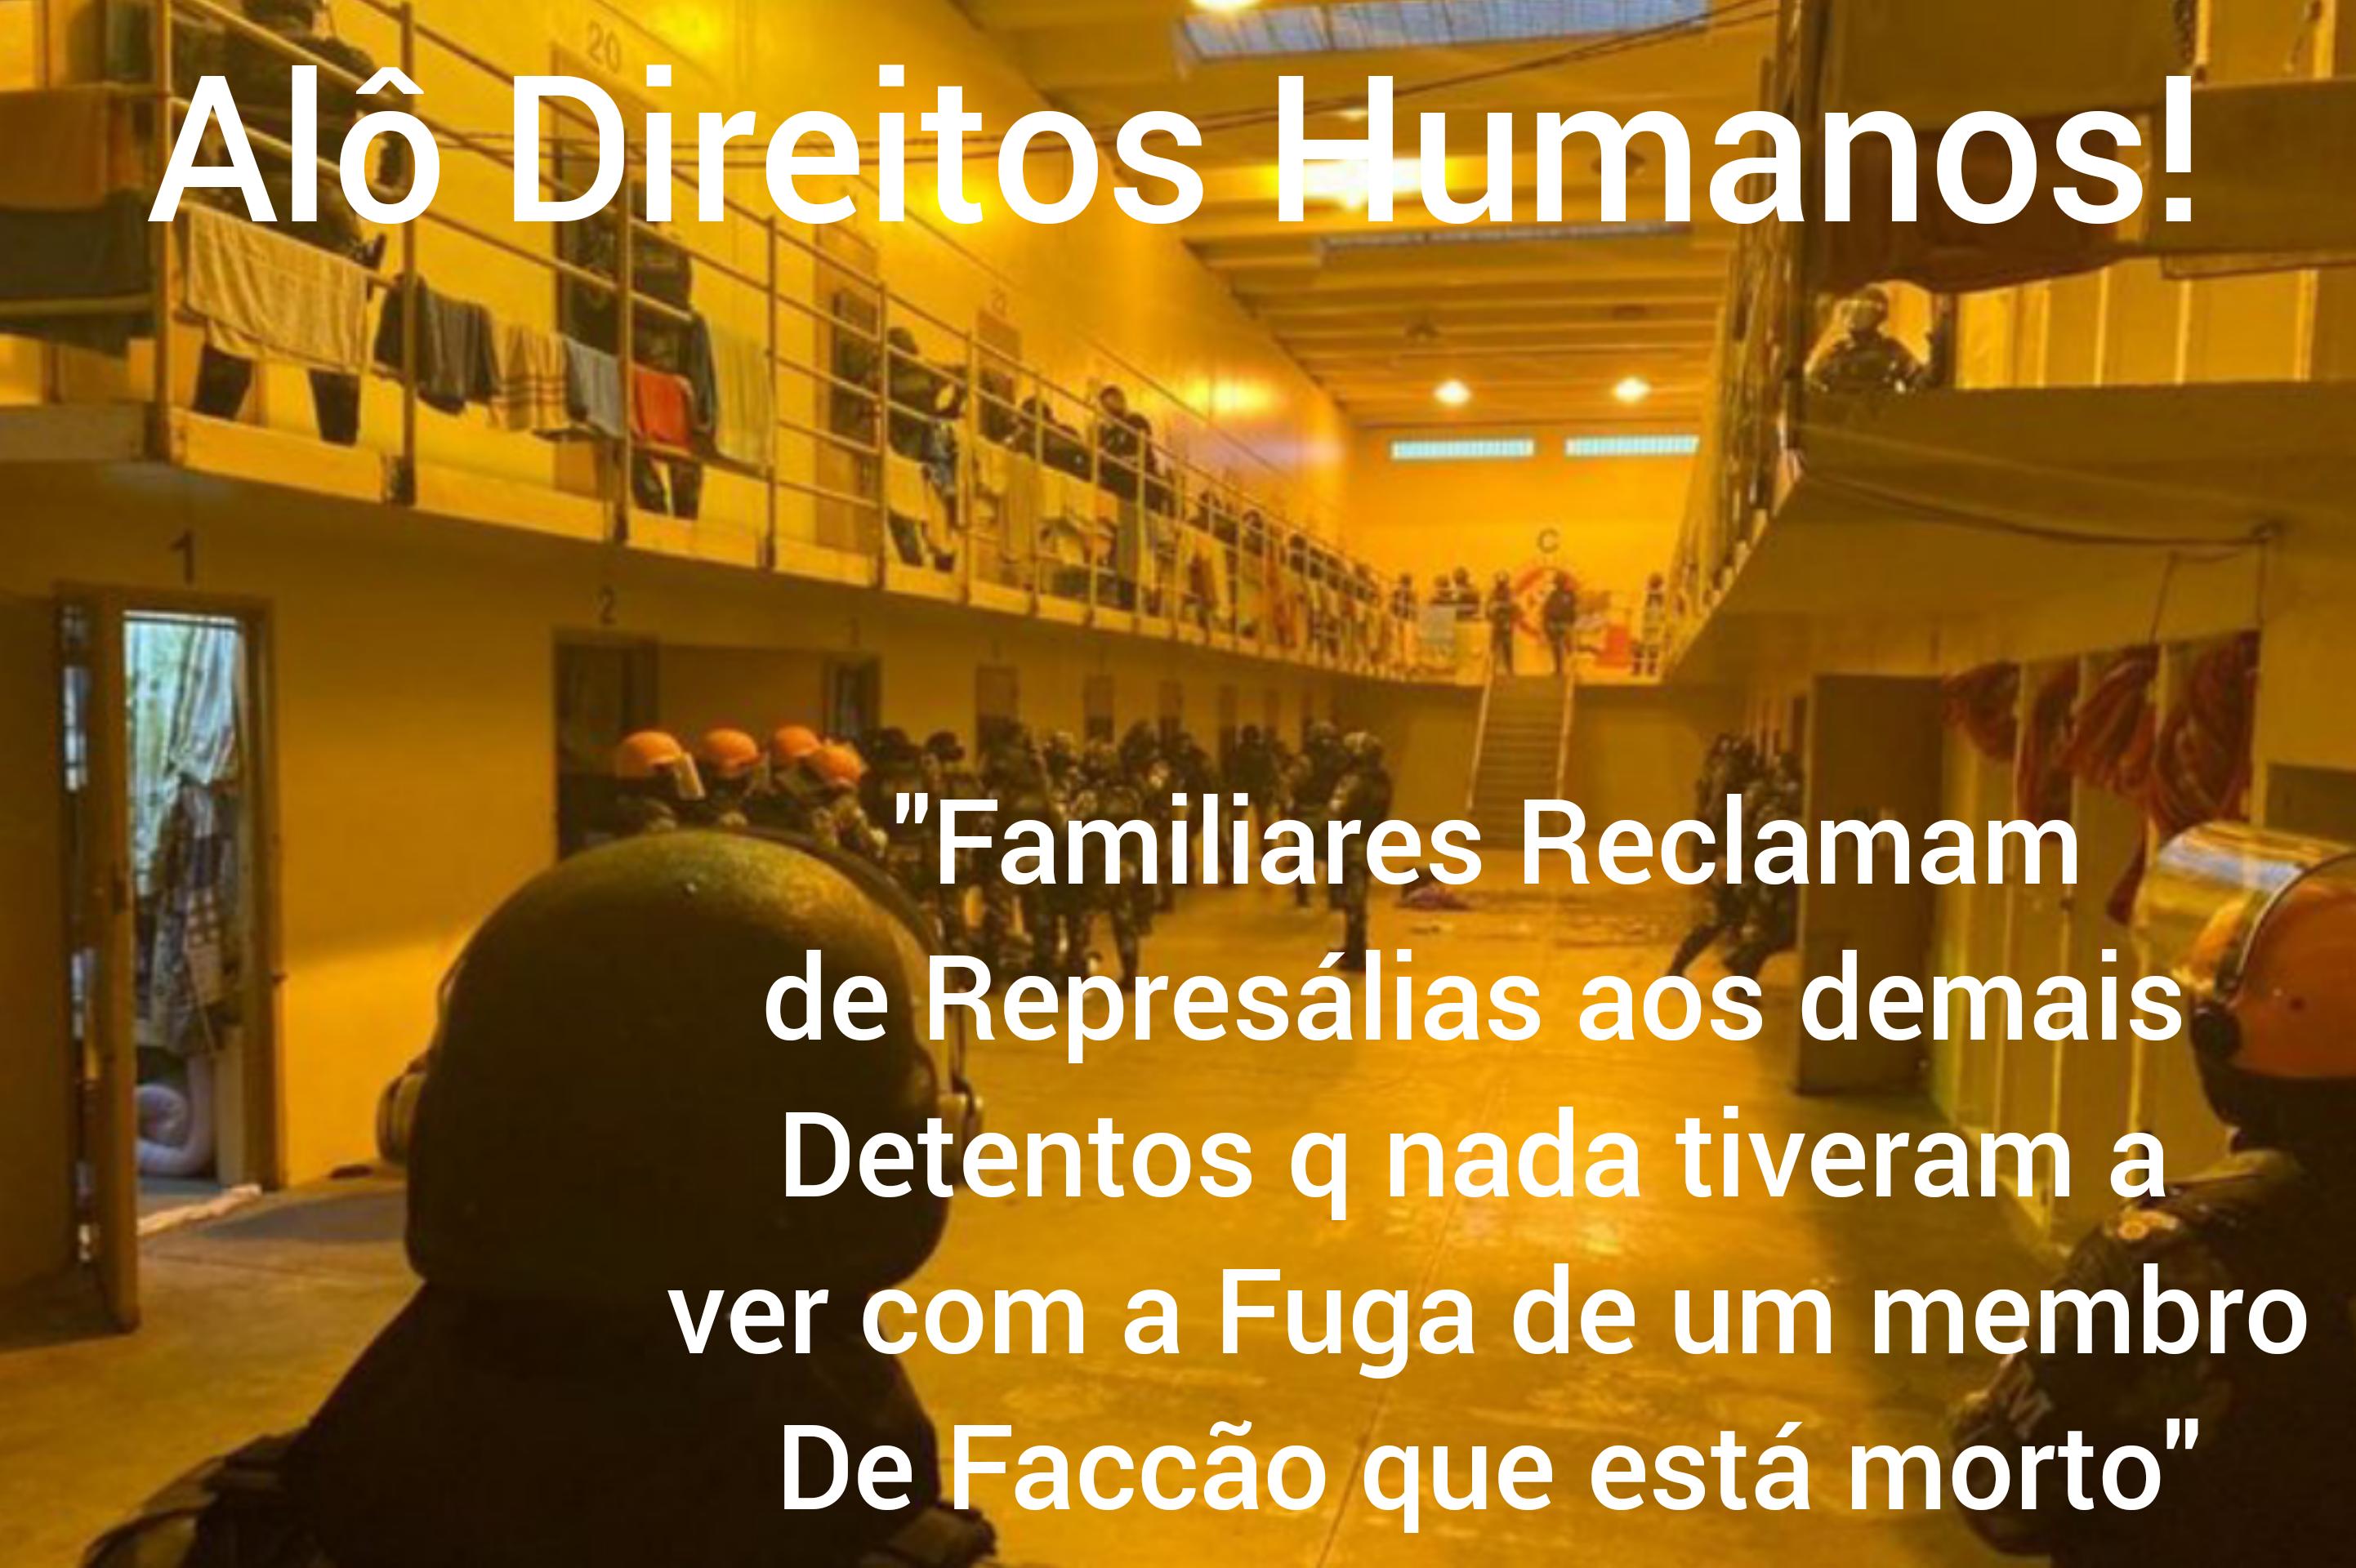 Familiares de Apenados RECLAMAM DE REPRESÁLIAS contra detentos após fuga de membro de Faccão ter sido resgatado